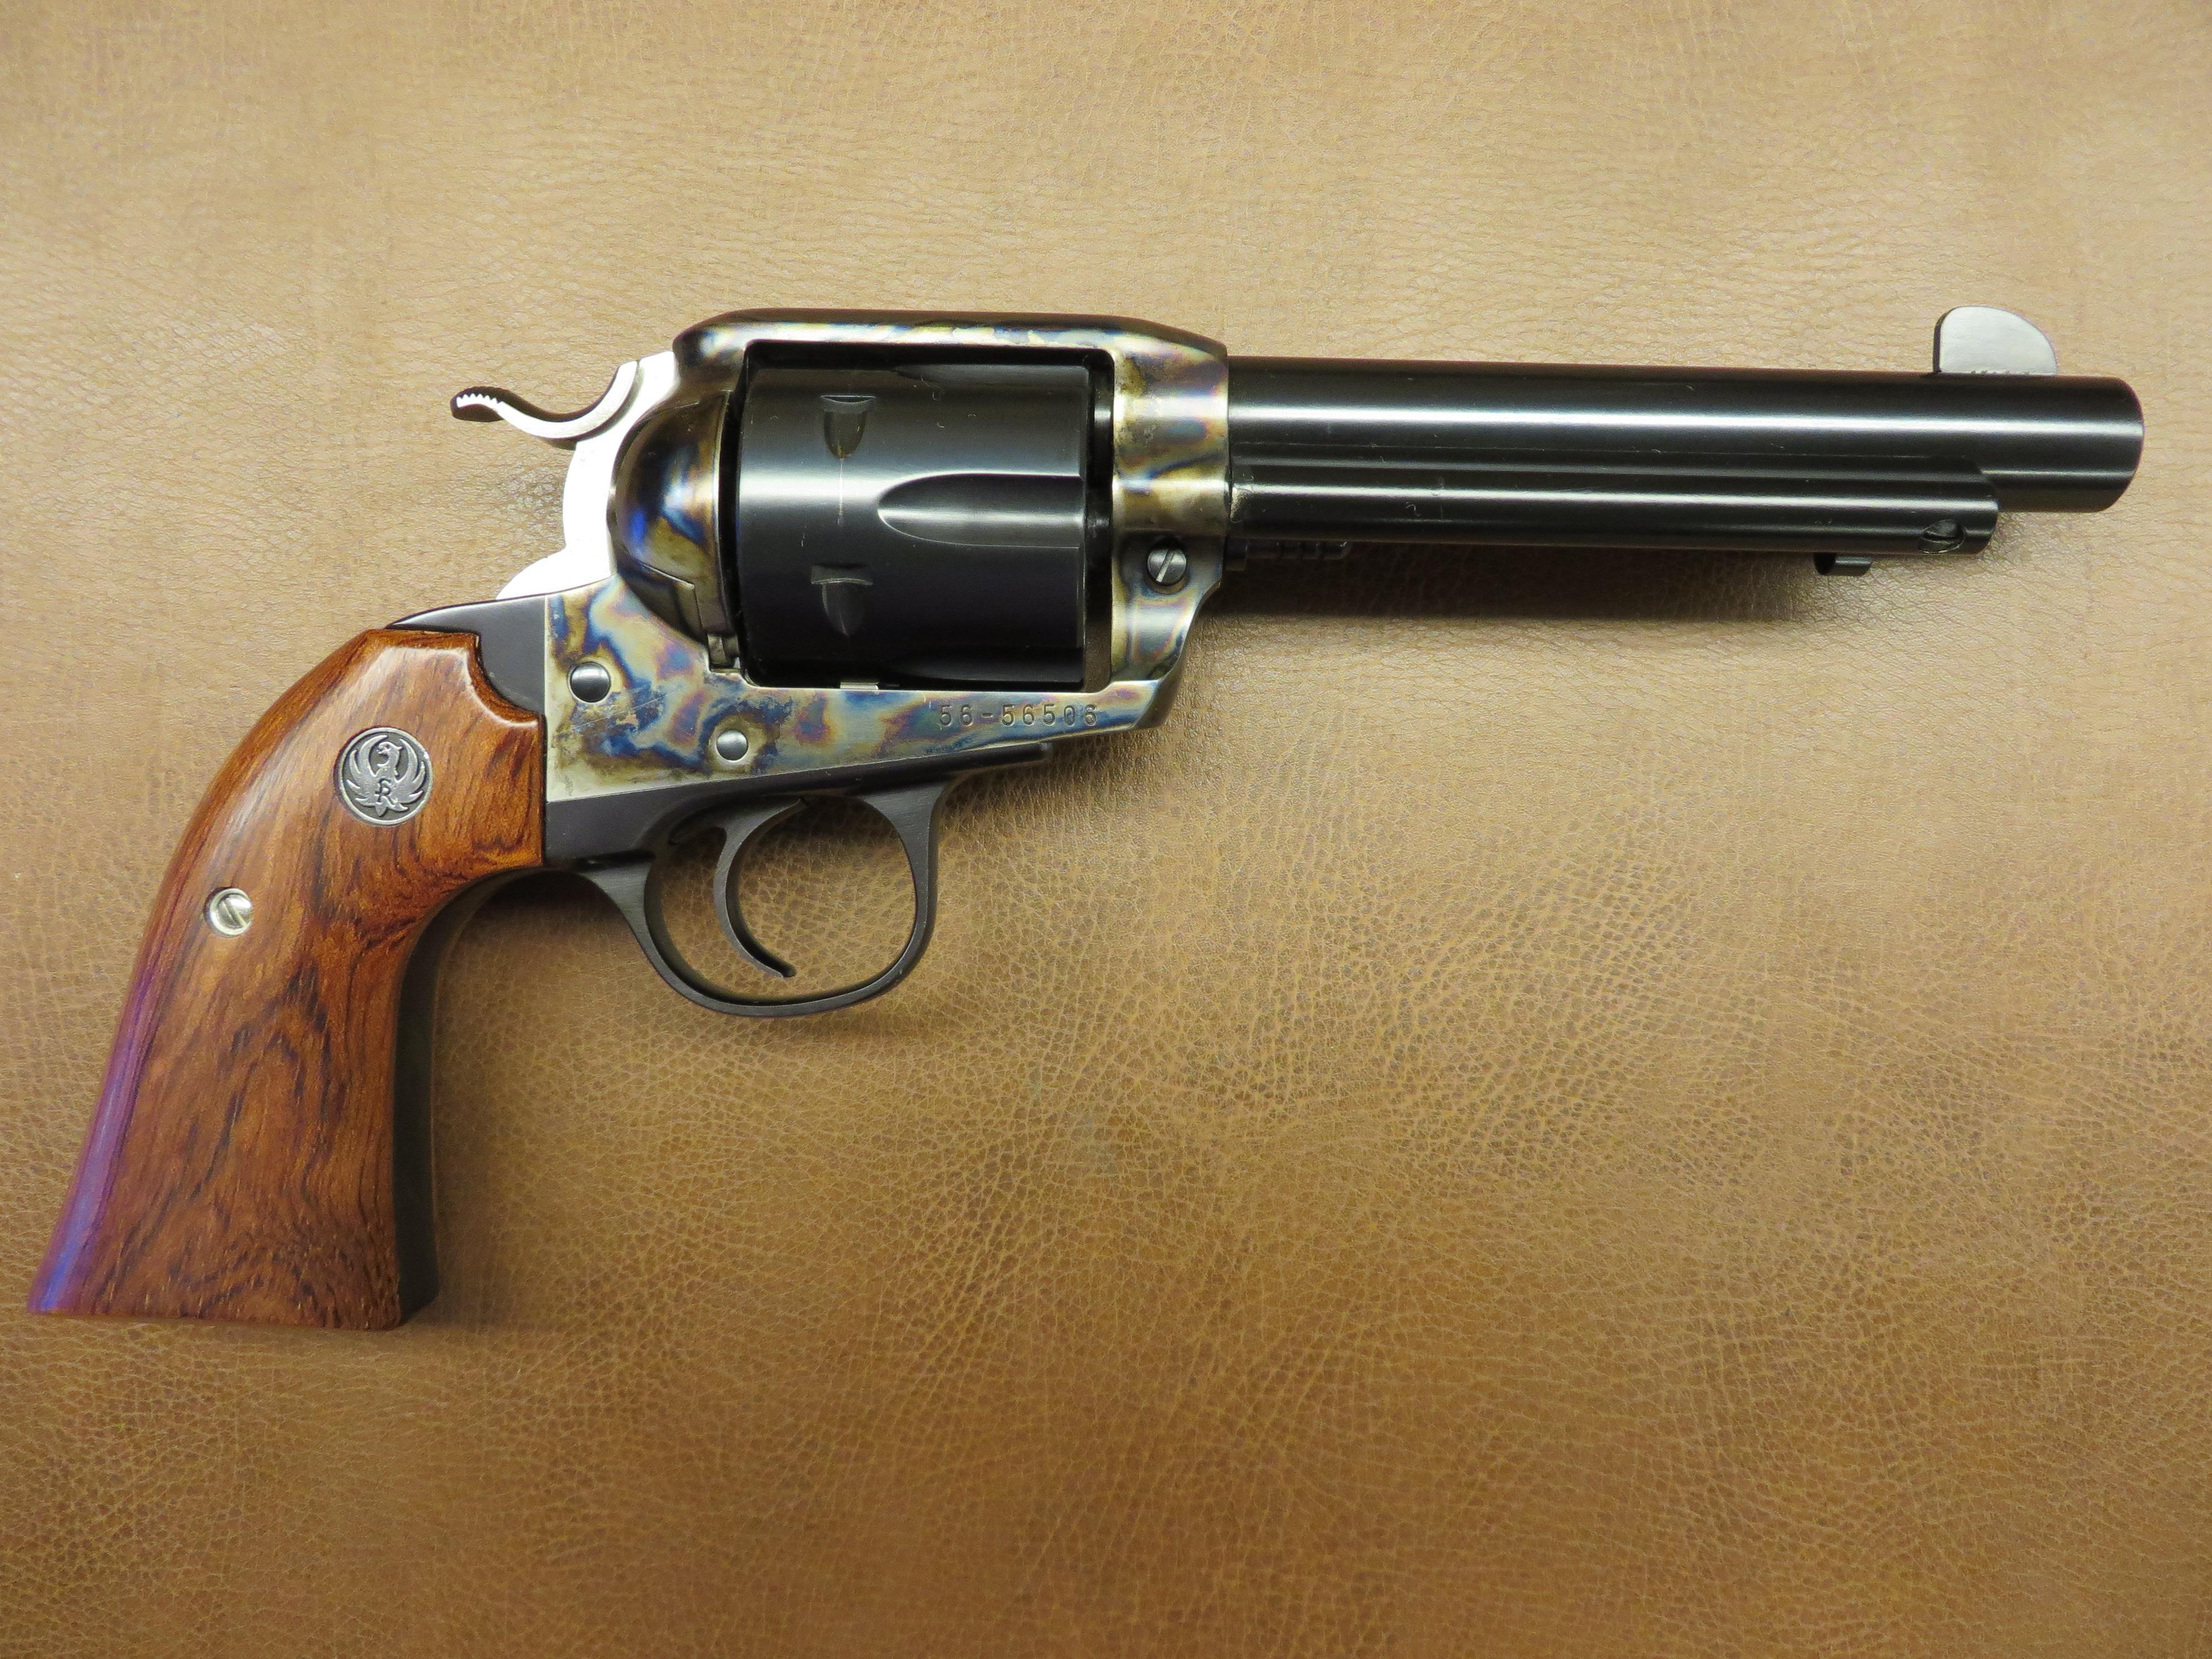 россии картинки ковбойский револьвер половых губах причины